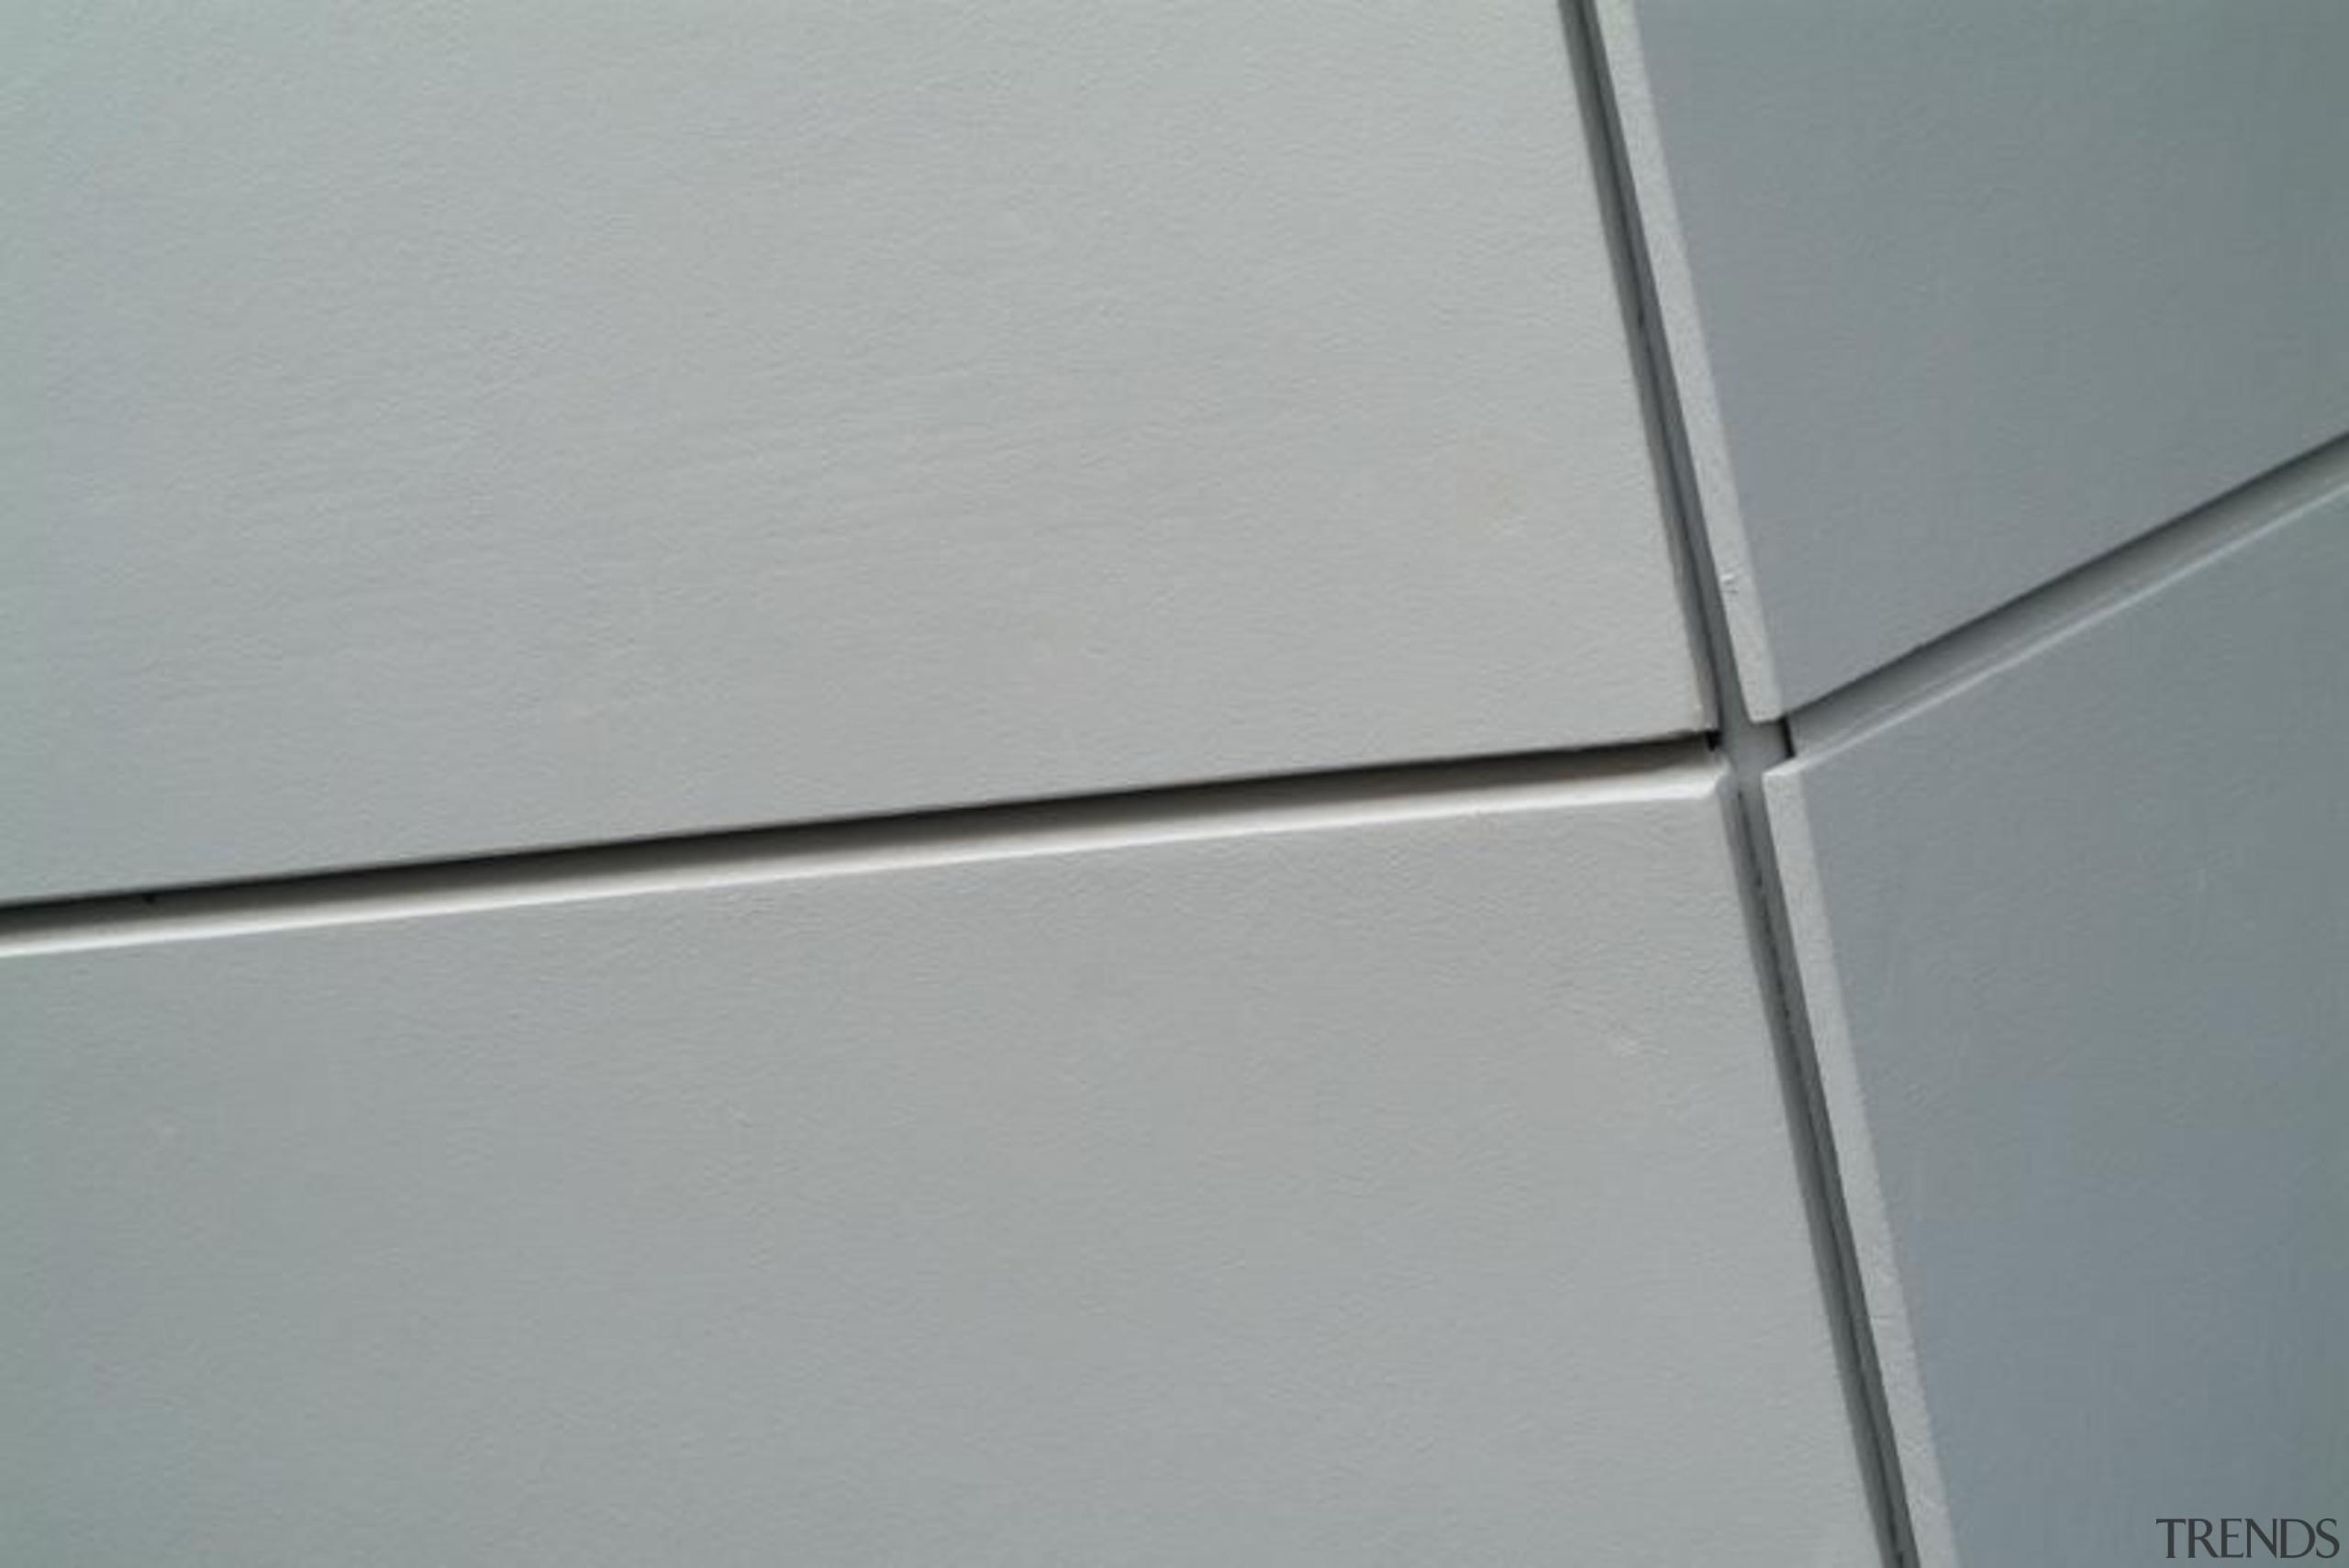 Titan Facade Panel - Titan Facade Panel - floor, glass, product design, gray